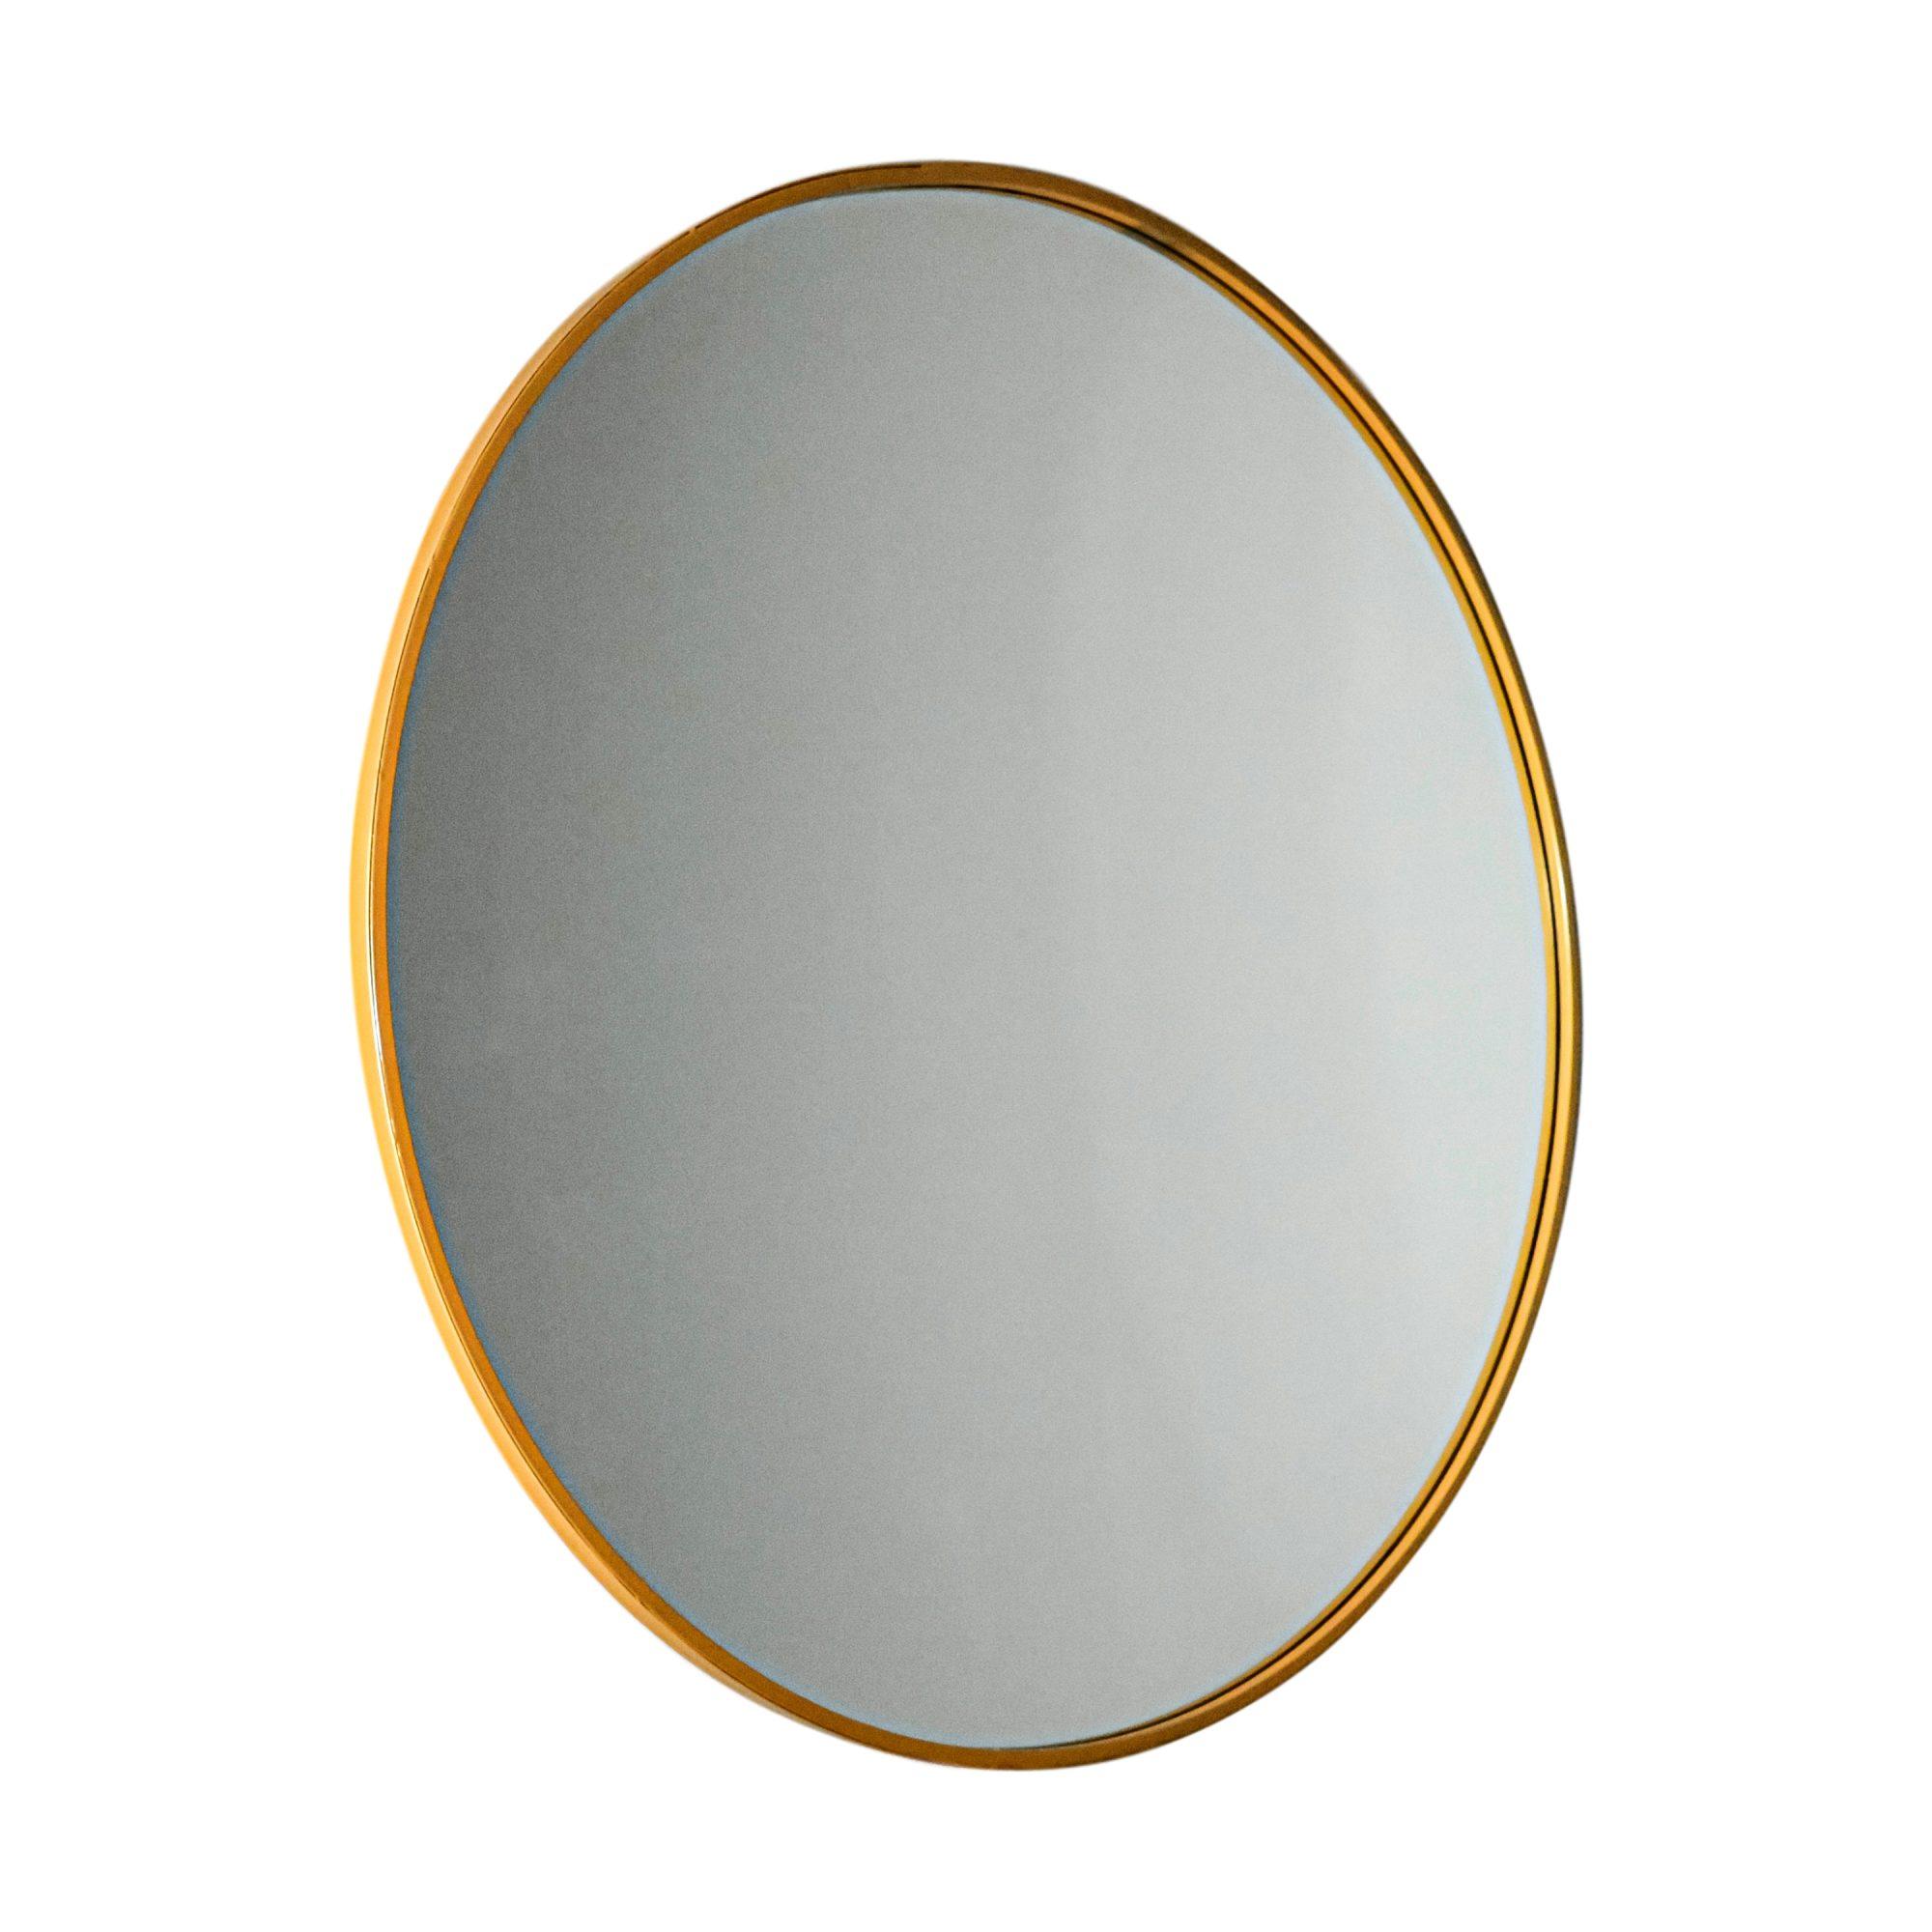 Manhattan Large Gold Round Mirror